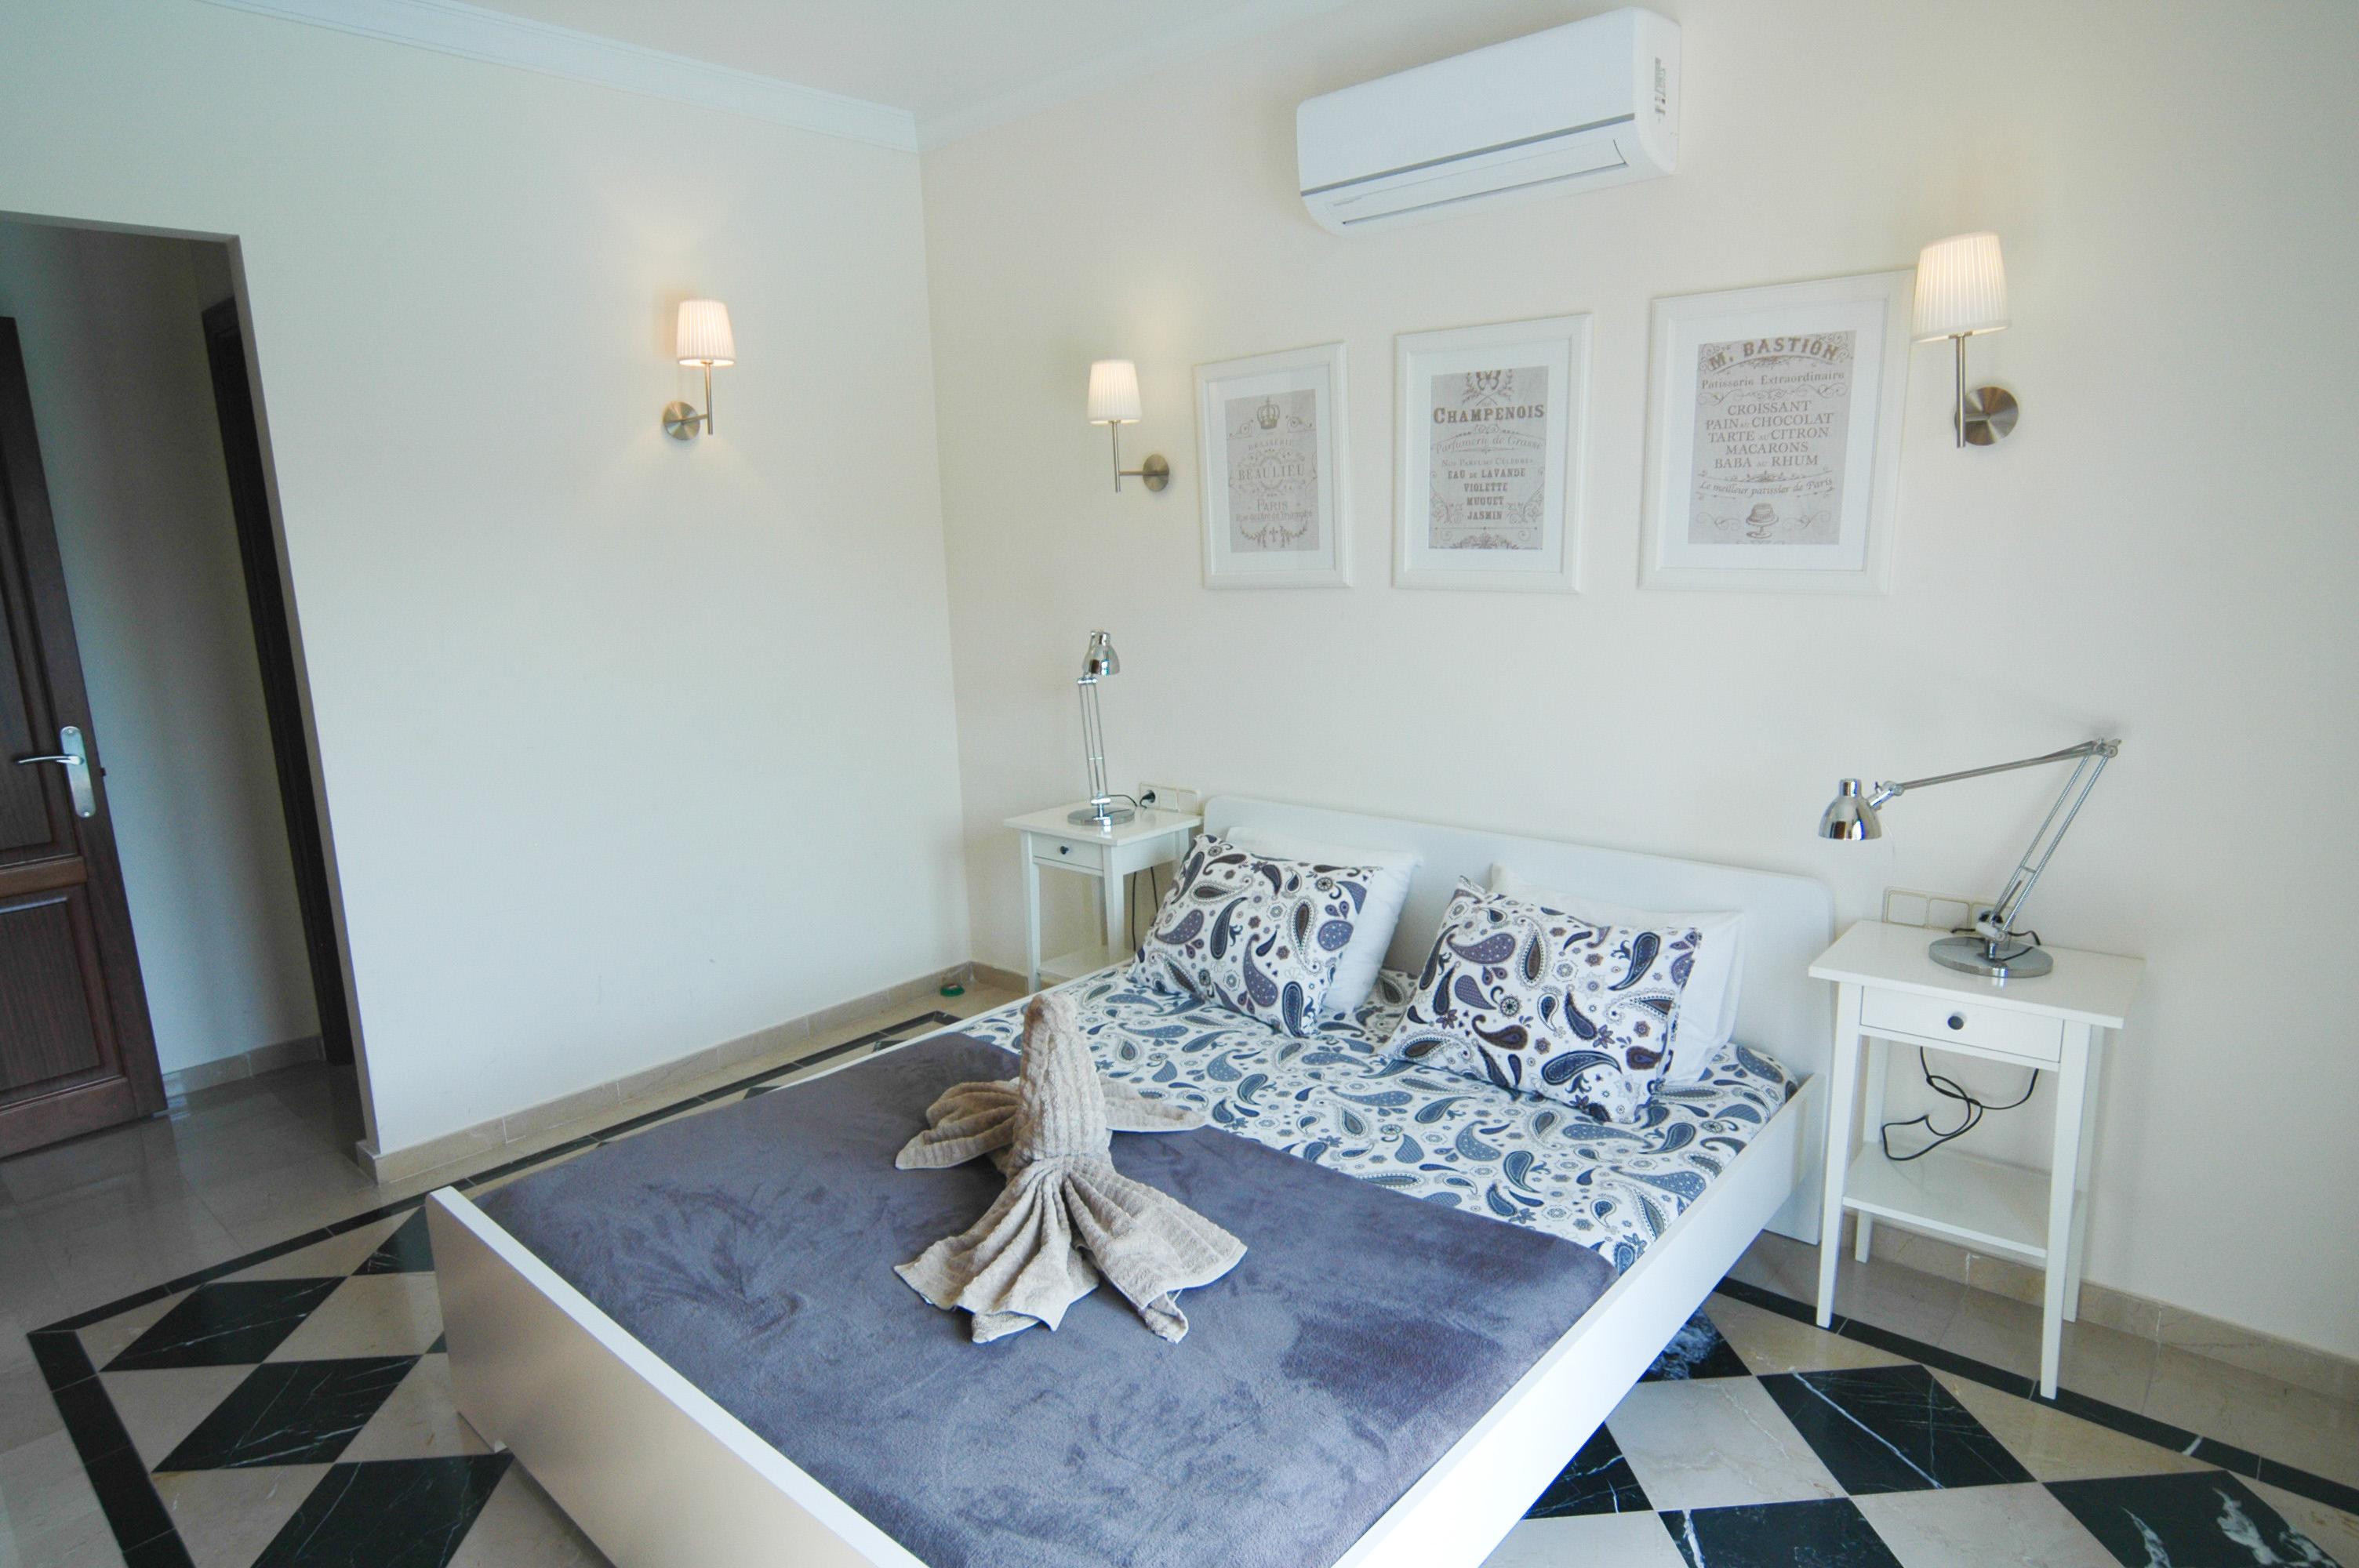 LVC333174 Double bedroom with en suite